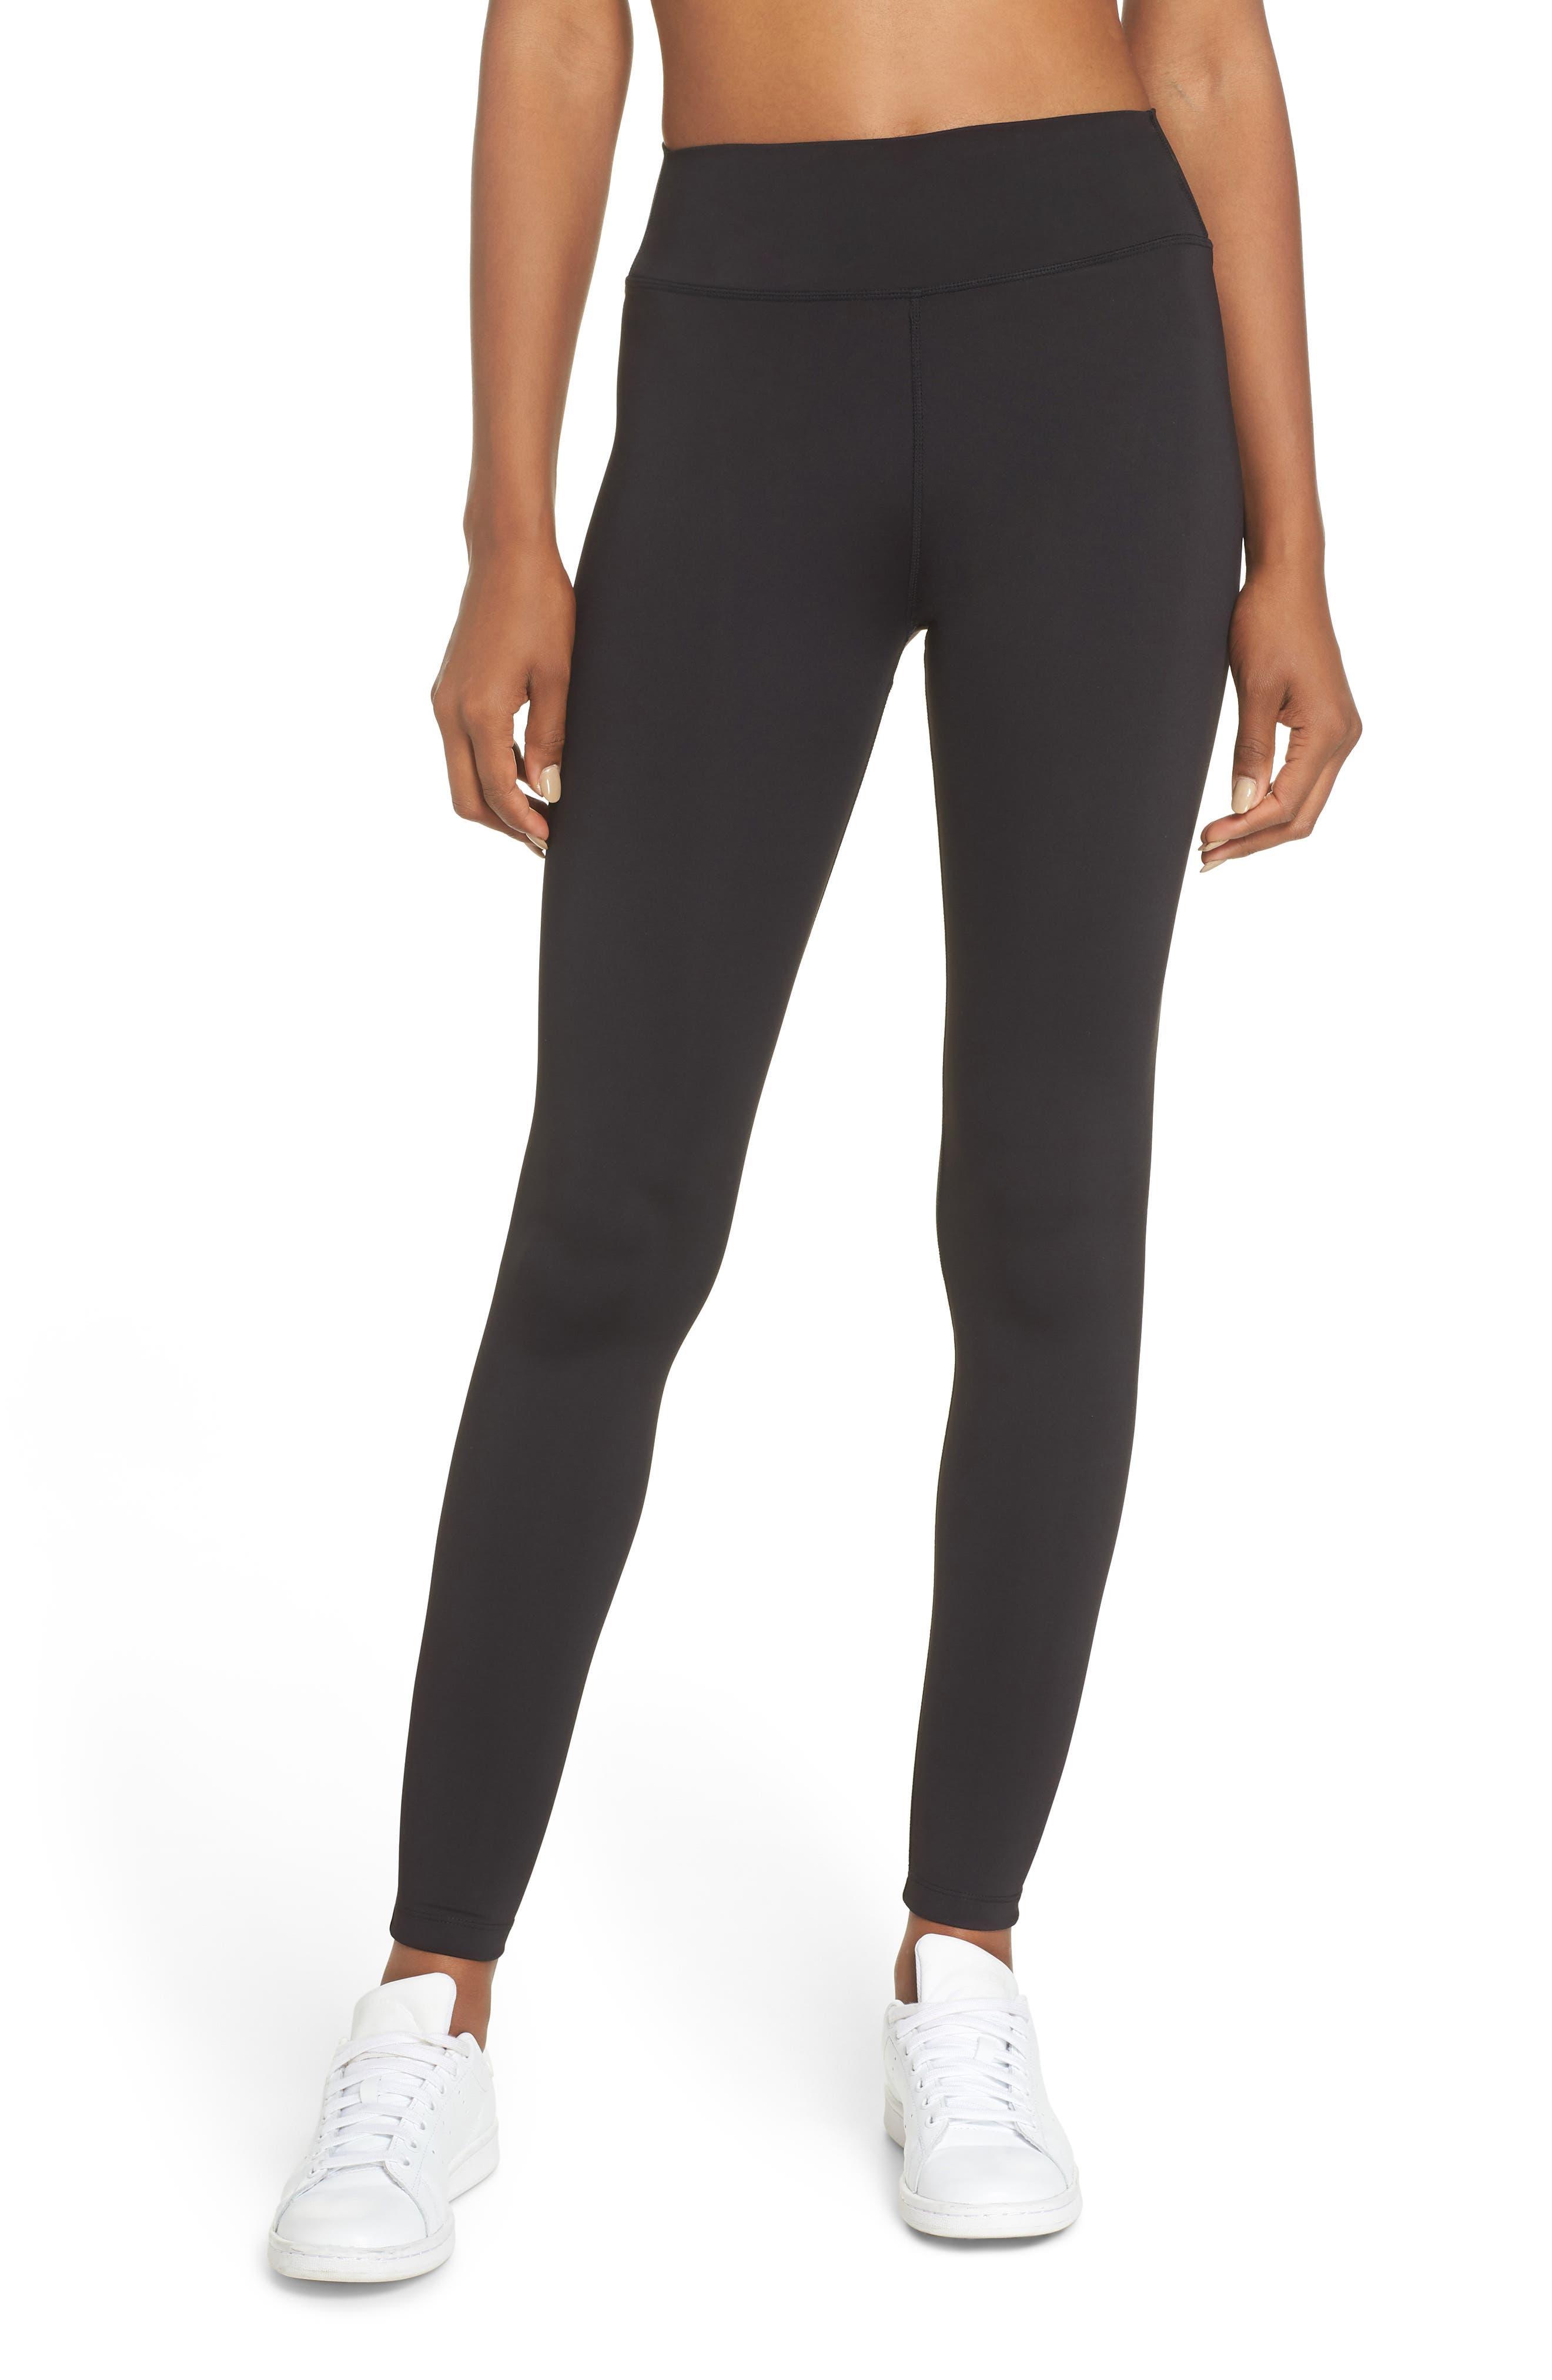 Edie High Waist Tights,                         Main,                         color, BLACK